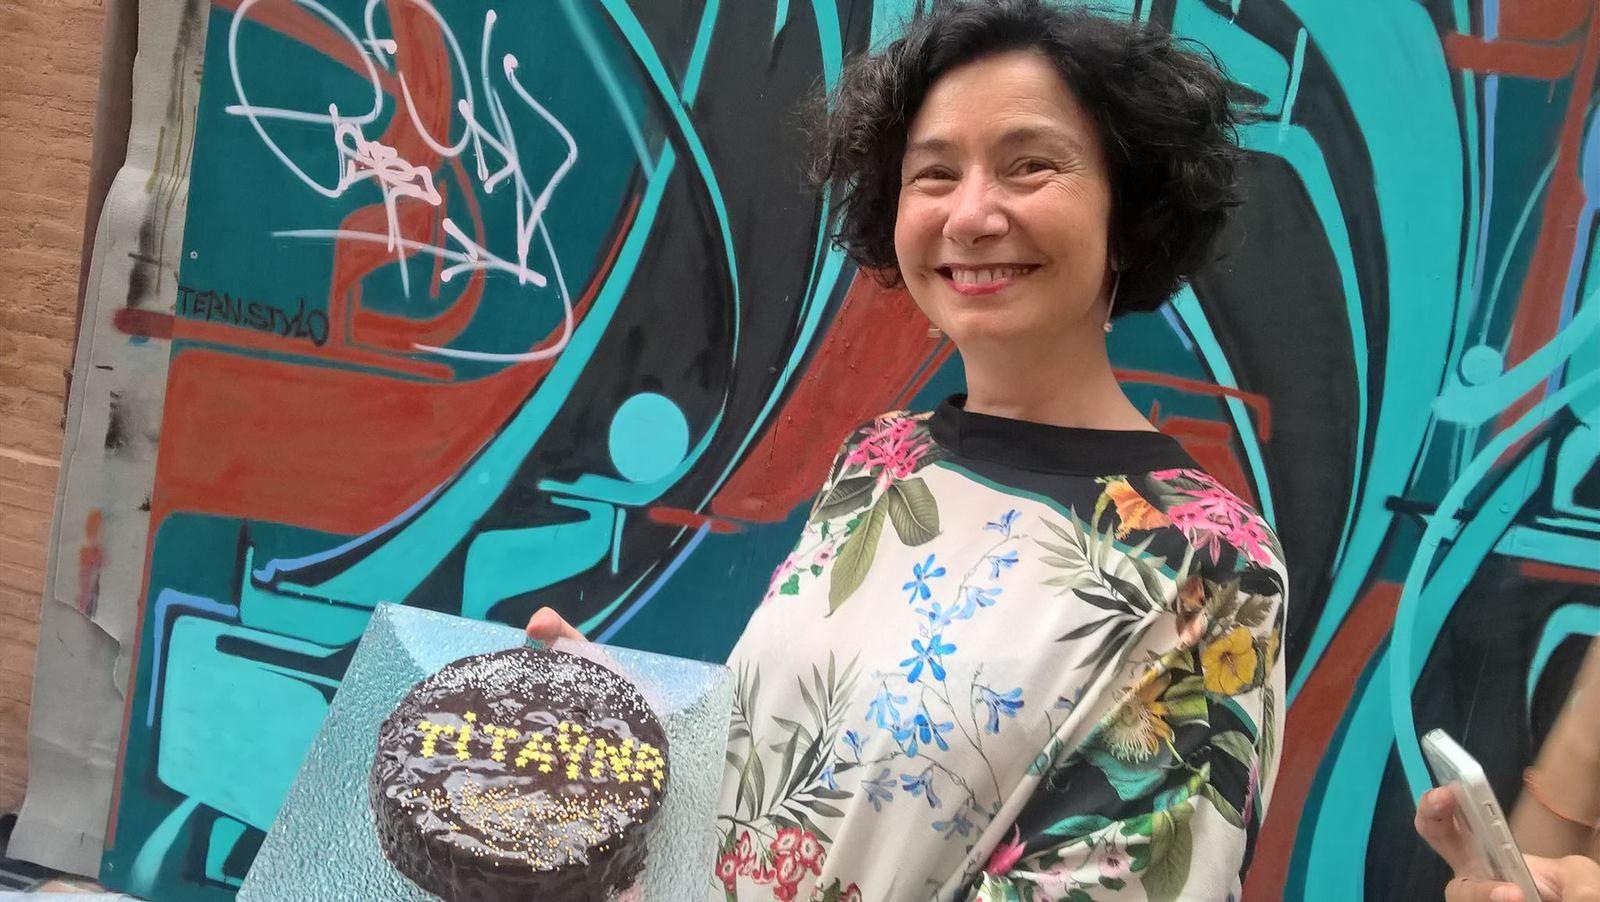 une prof porteuse et conceptrice de projets culturels gratifiée par ses élèves.